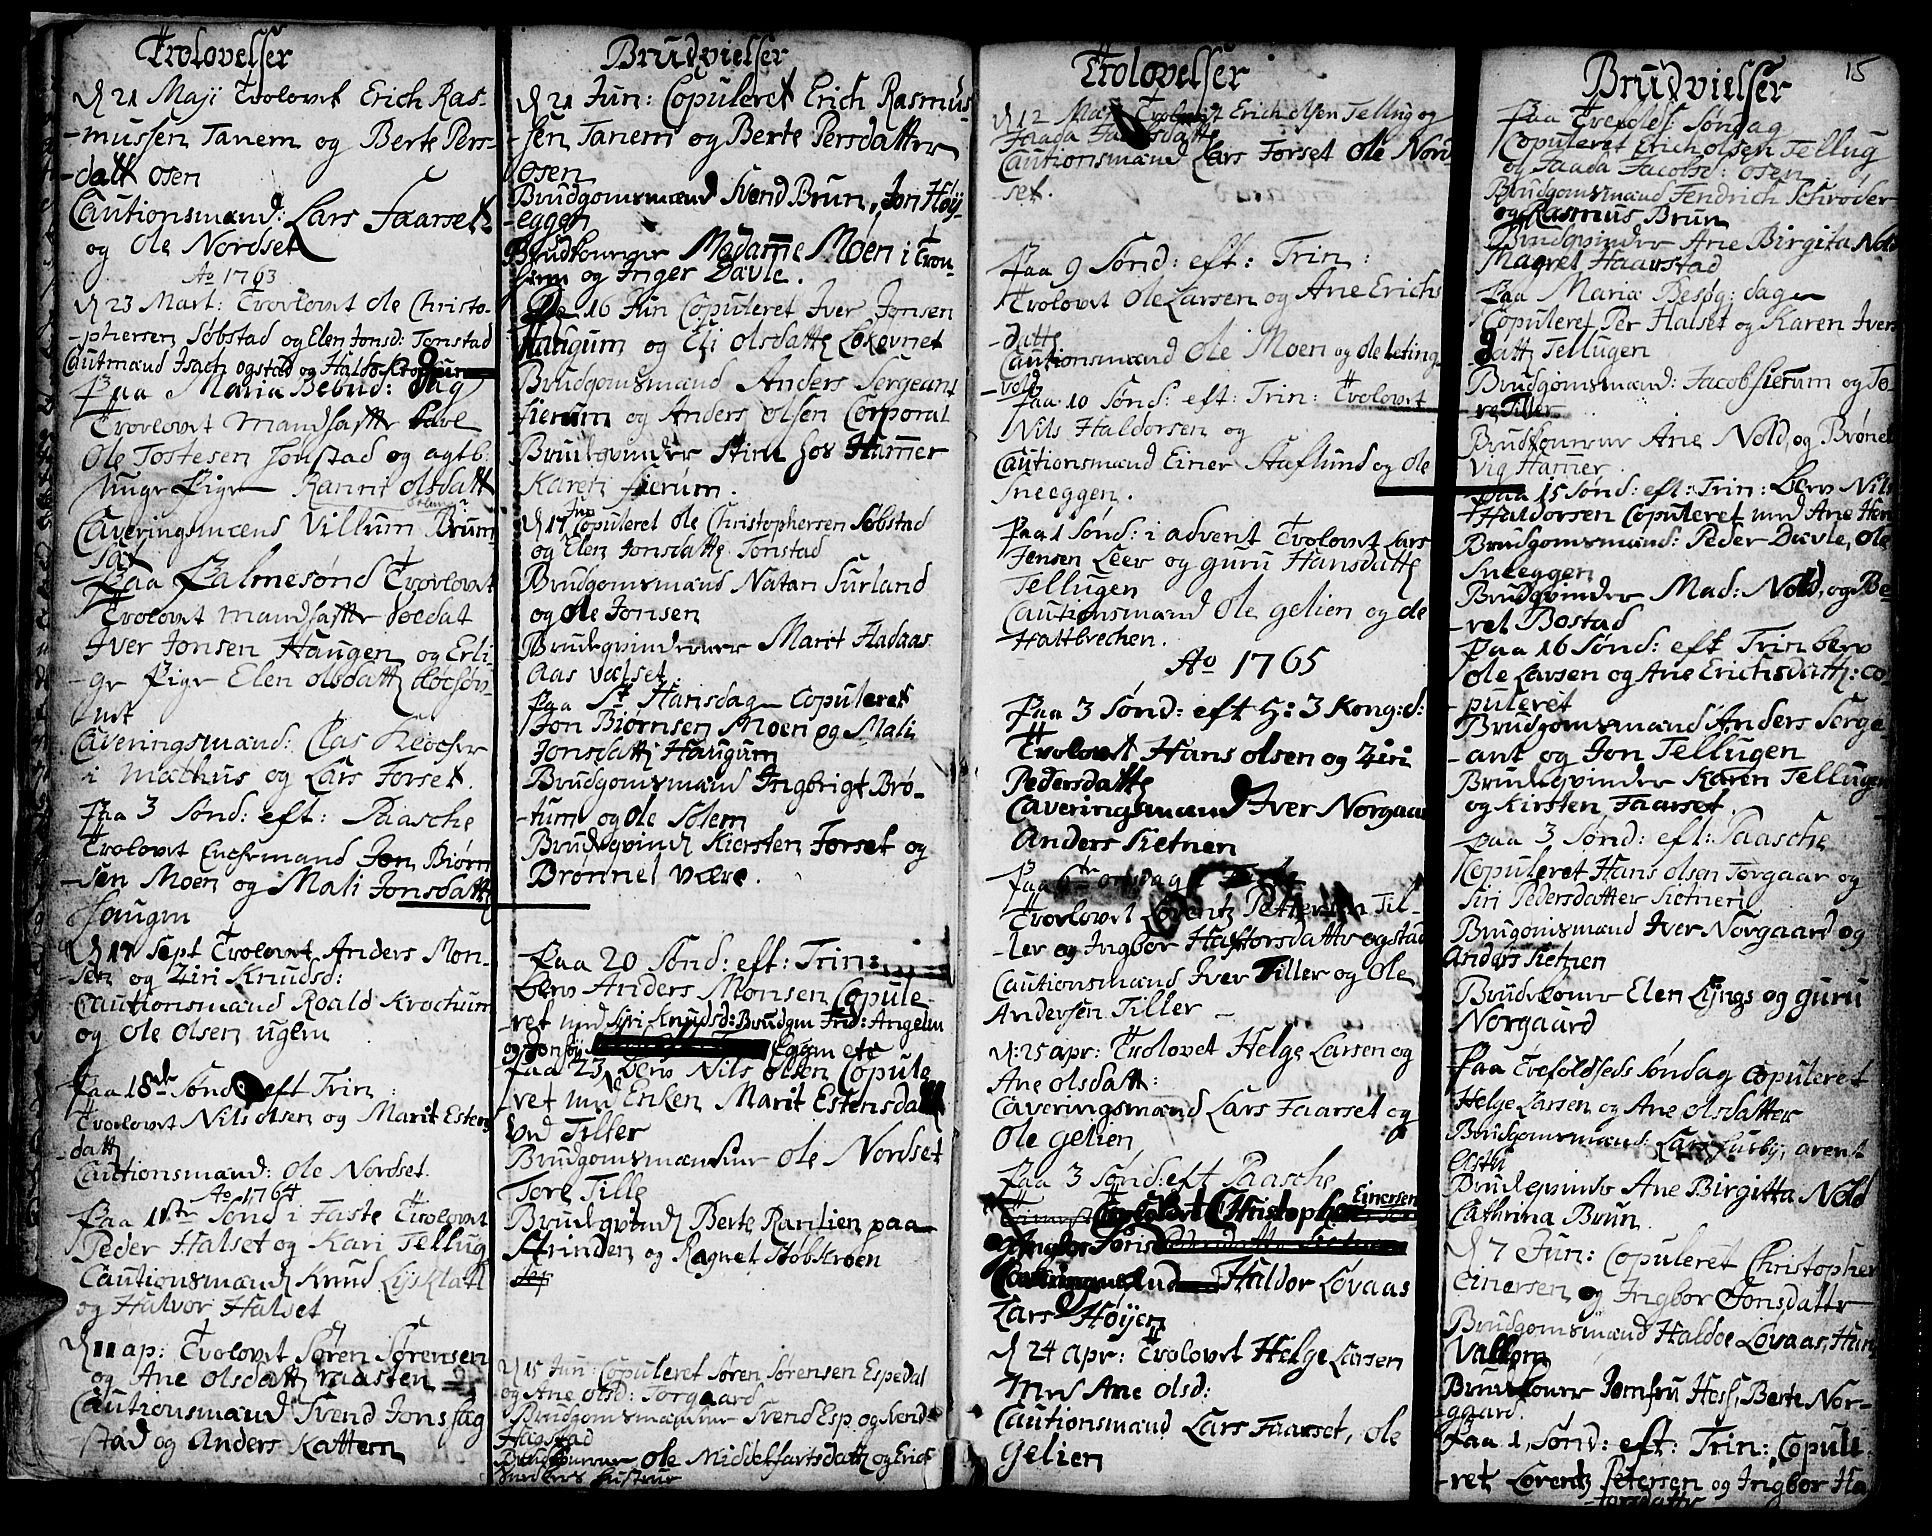 SAT, Ministerialprotokoller, klokkerbøker og fødselsregistre - Sør-Trøndelag, 618/L0437: Ministerialbok nr. 618A02, 1749-1782, s. 15